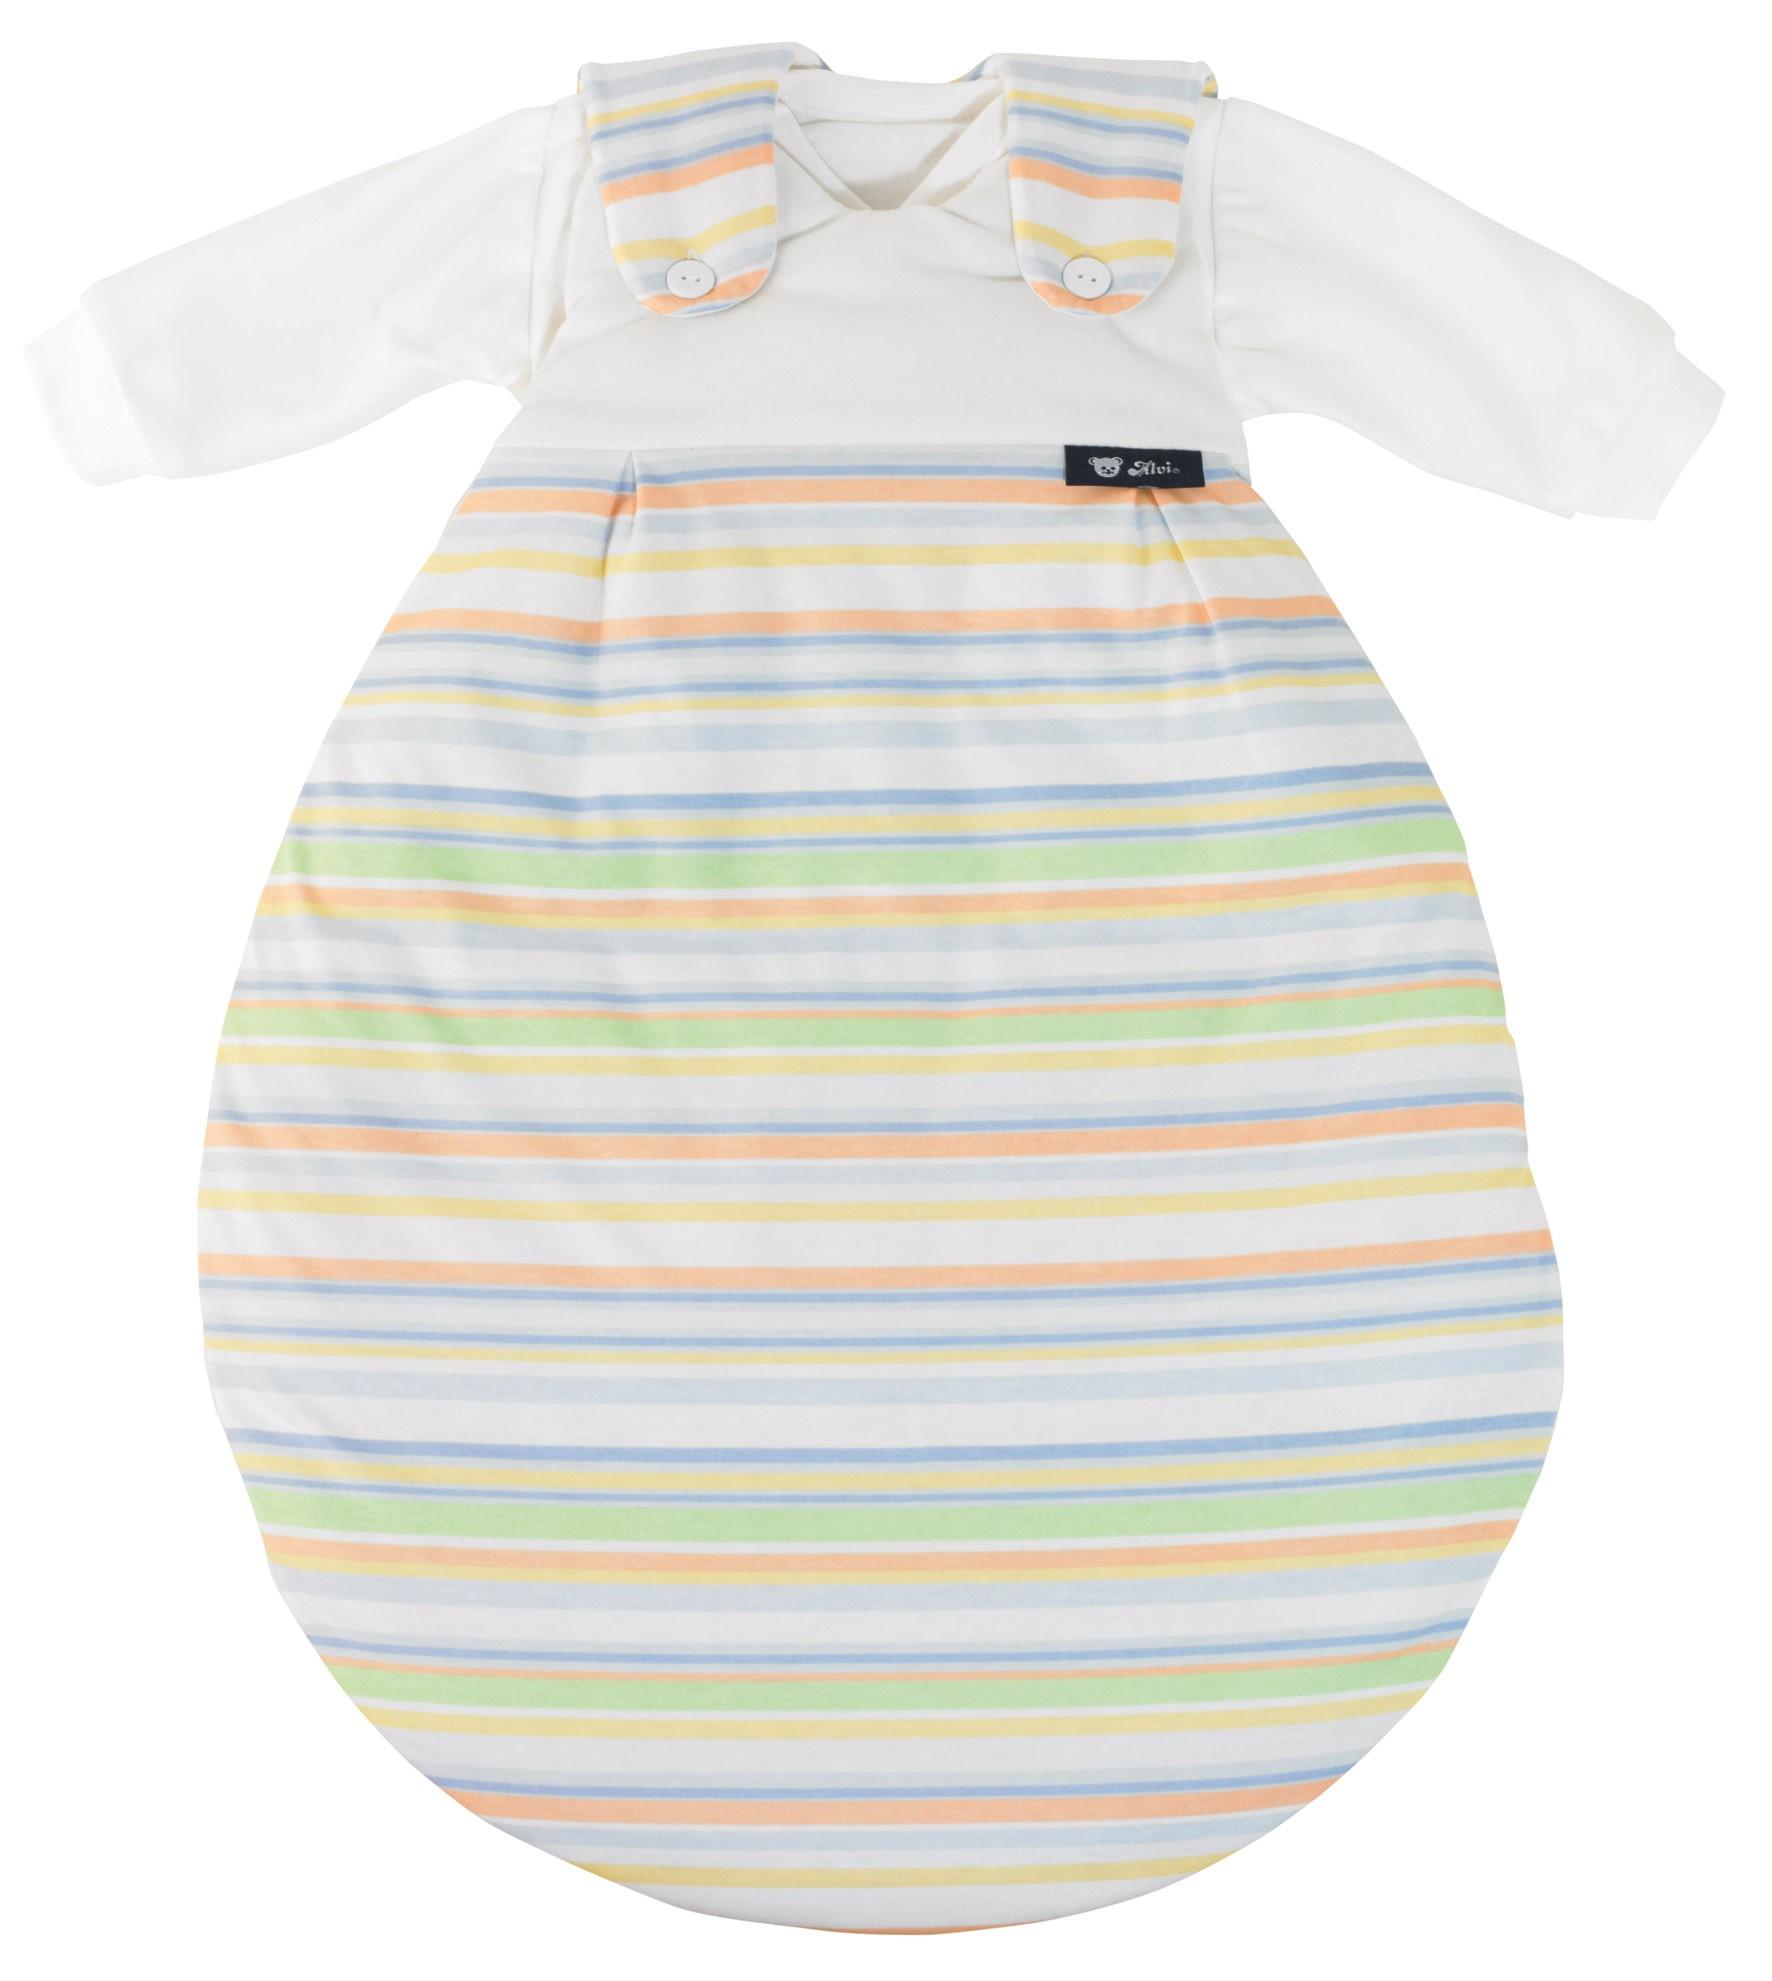 Alvi Baby Mäxchen Außensack bunter Streifen blau Größe 62/68 118-0